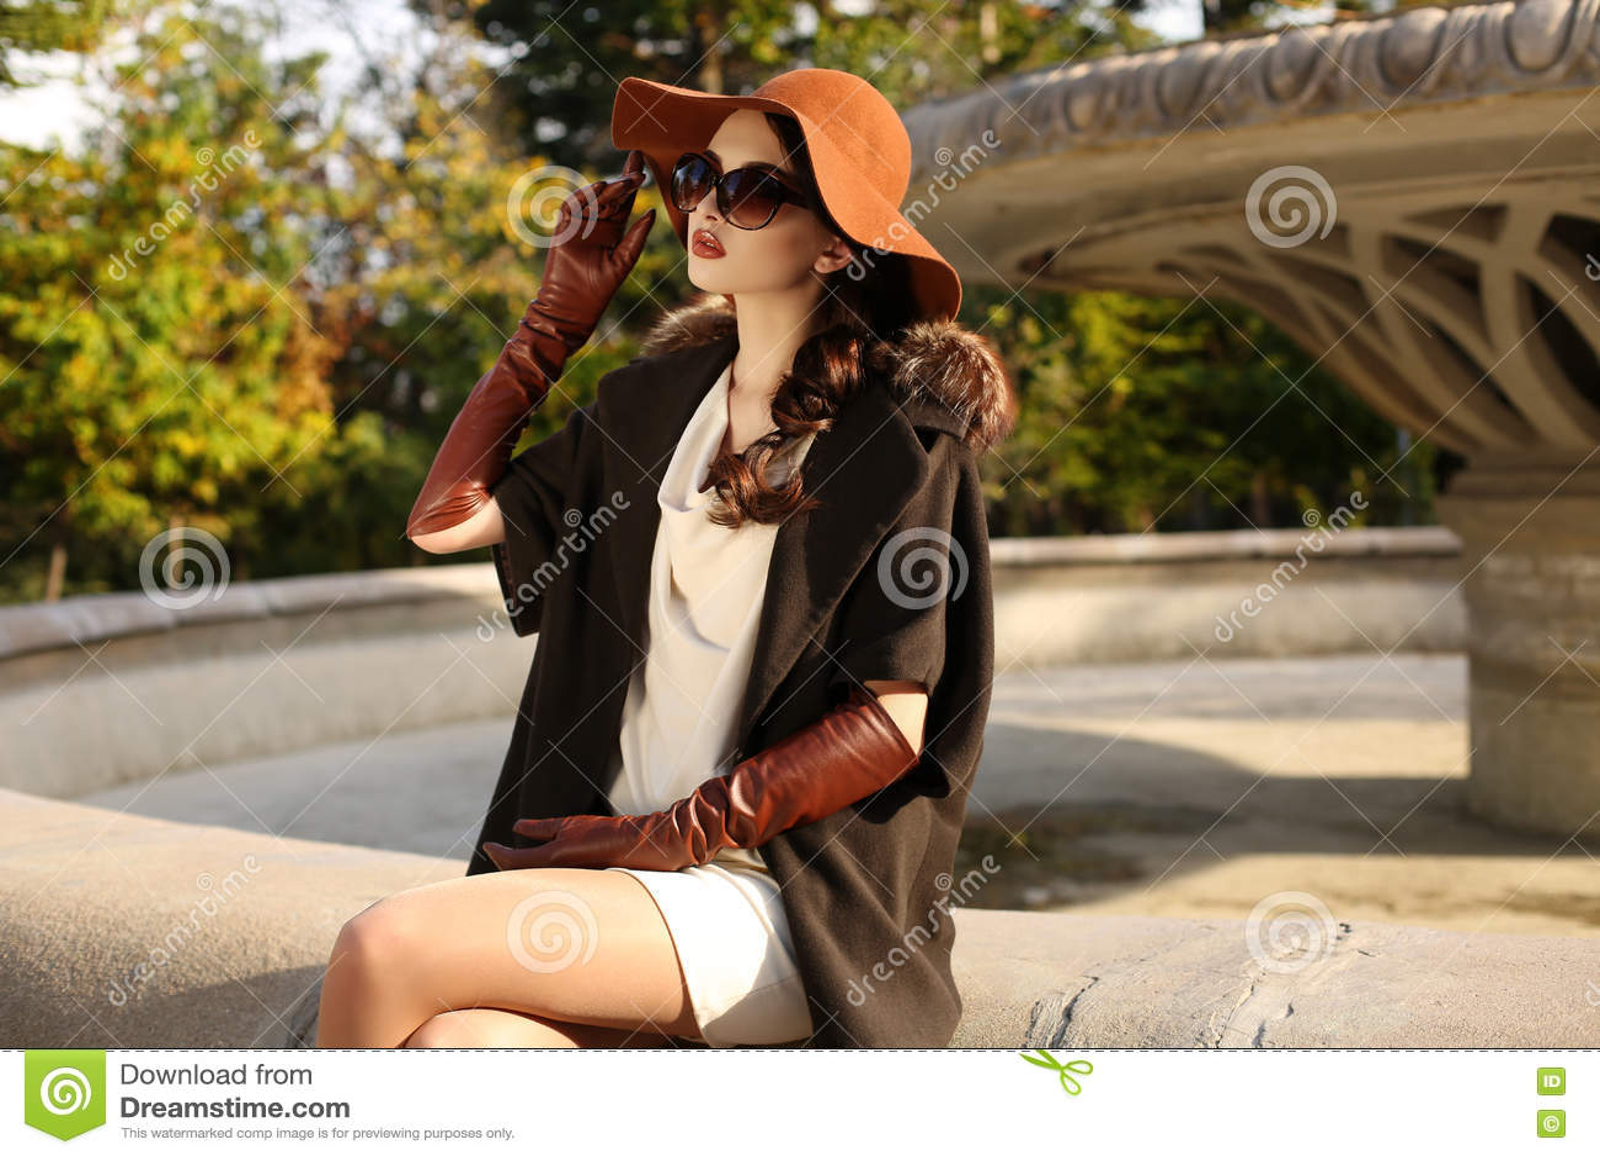 2a87efcc6 Forme la foto al aire libre de la mujer sensual magnífica con el pelo oscuro  en la capa lujosa elegante